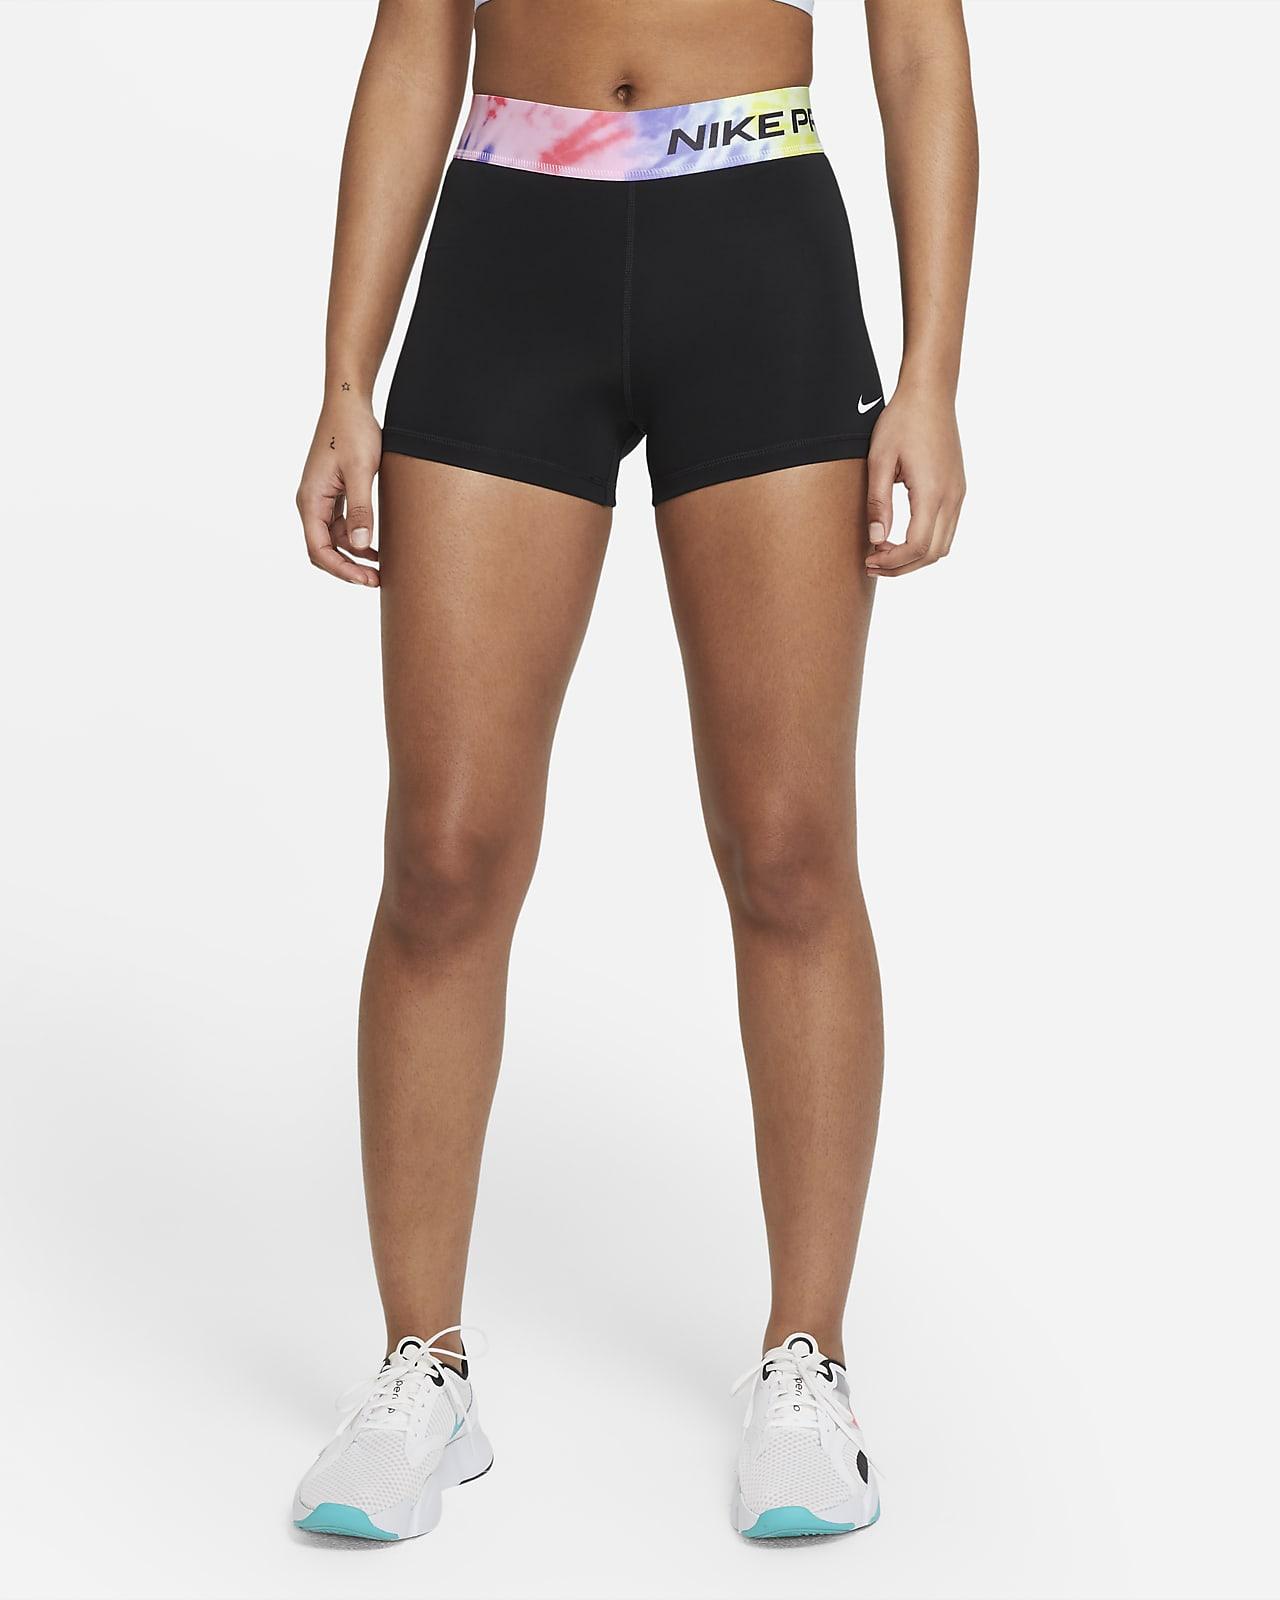 Shorts teñidos de 8 cm para mujer Nike Pro